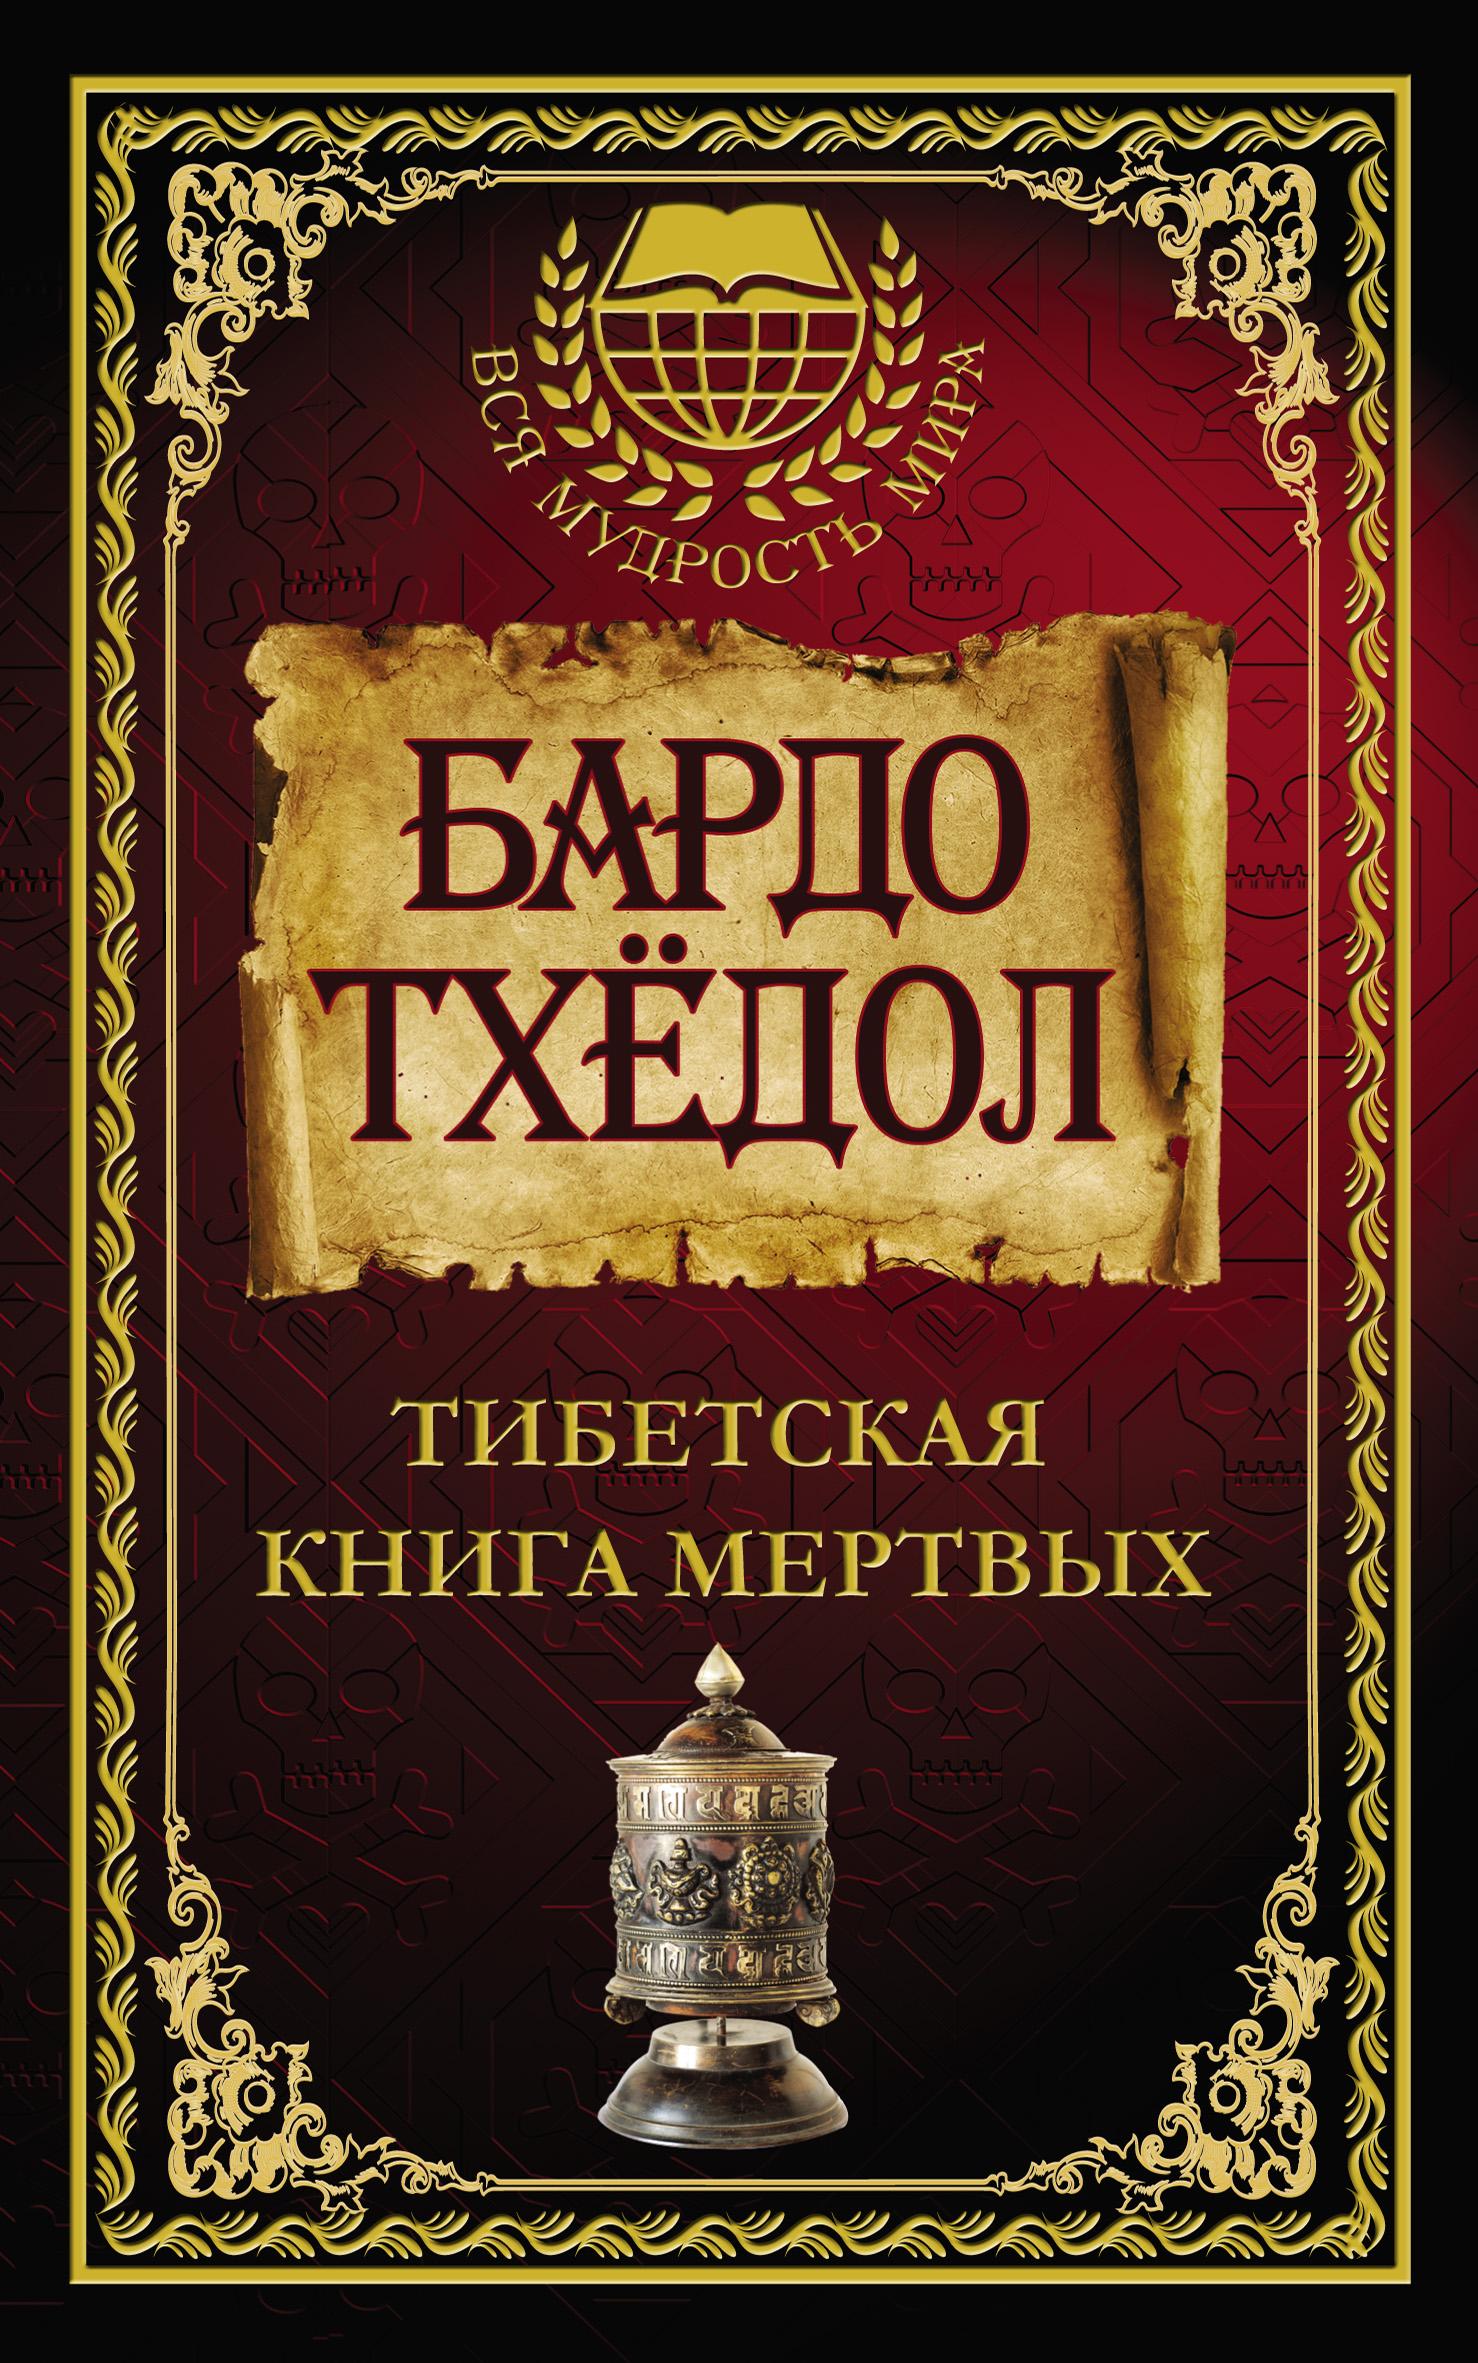 Коллектив авторов Бардо Тхёдол. Тибетская книга мертвых согьял ринпоче тибетская книга жизни и смерти